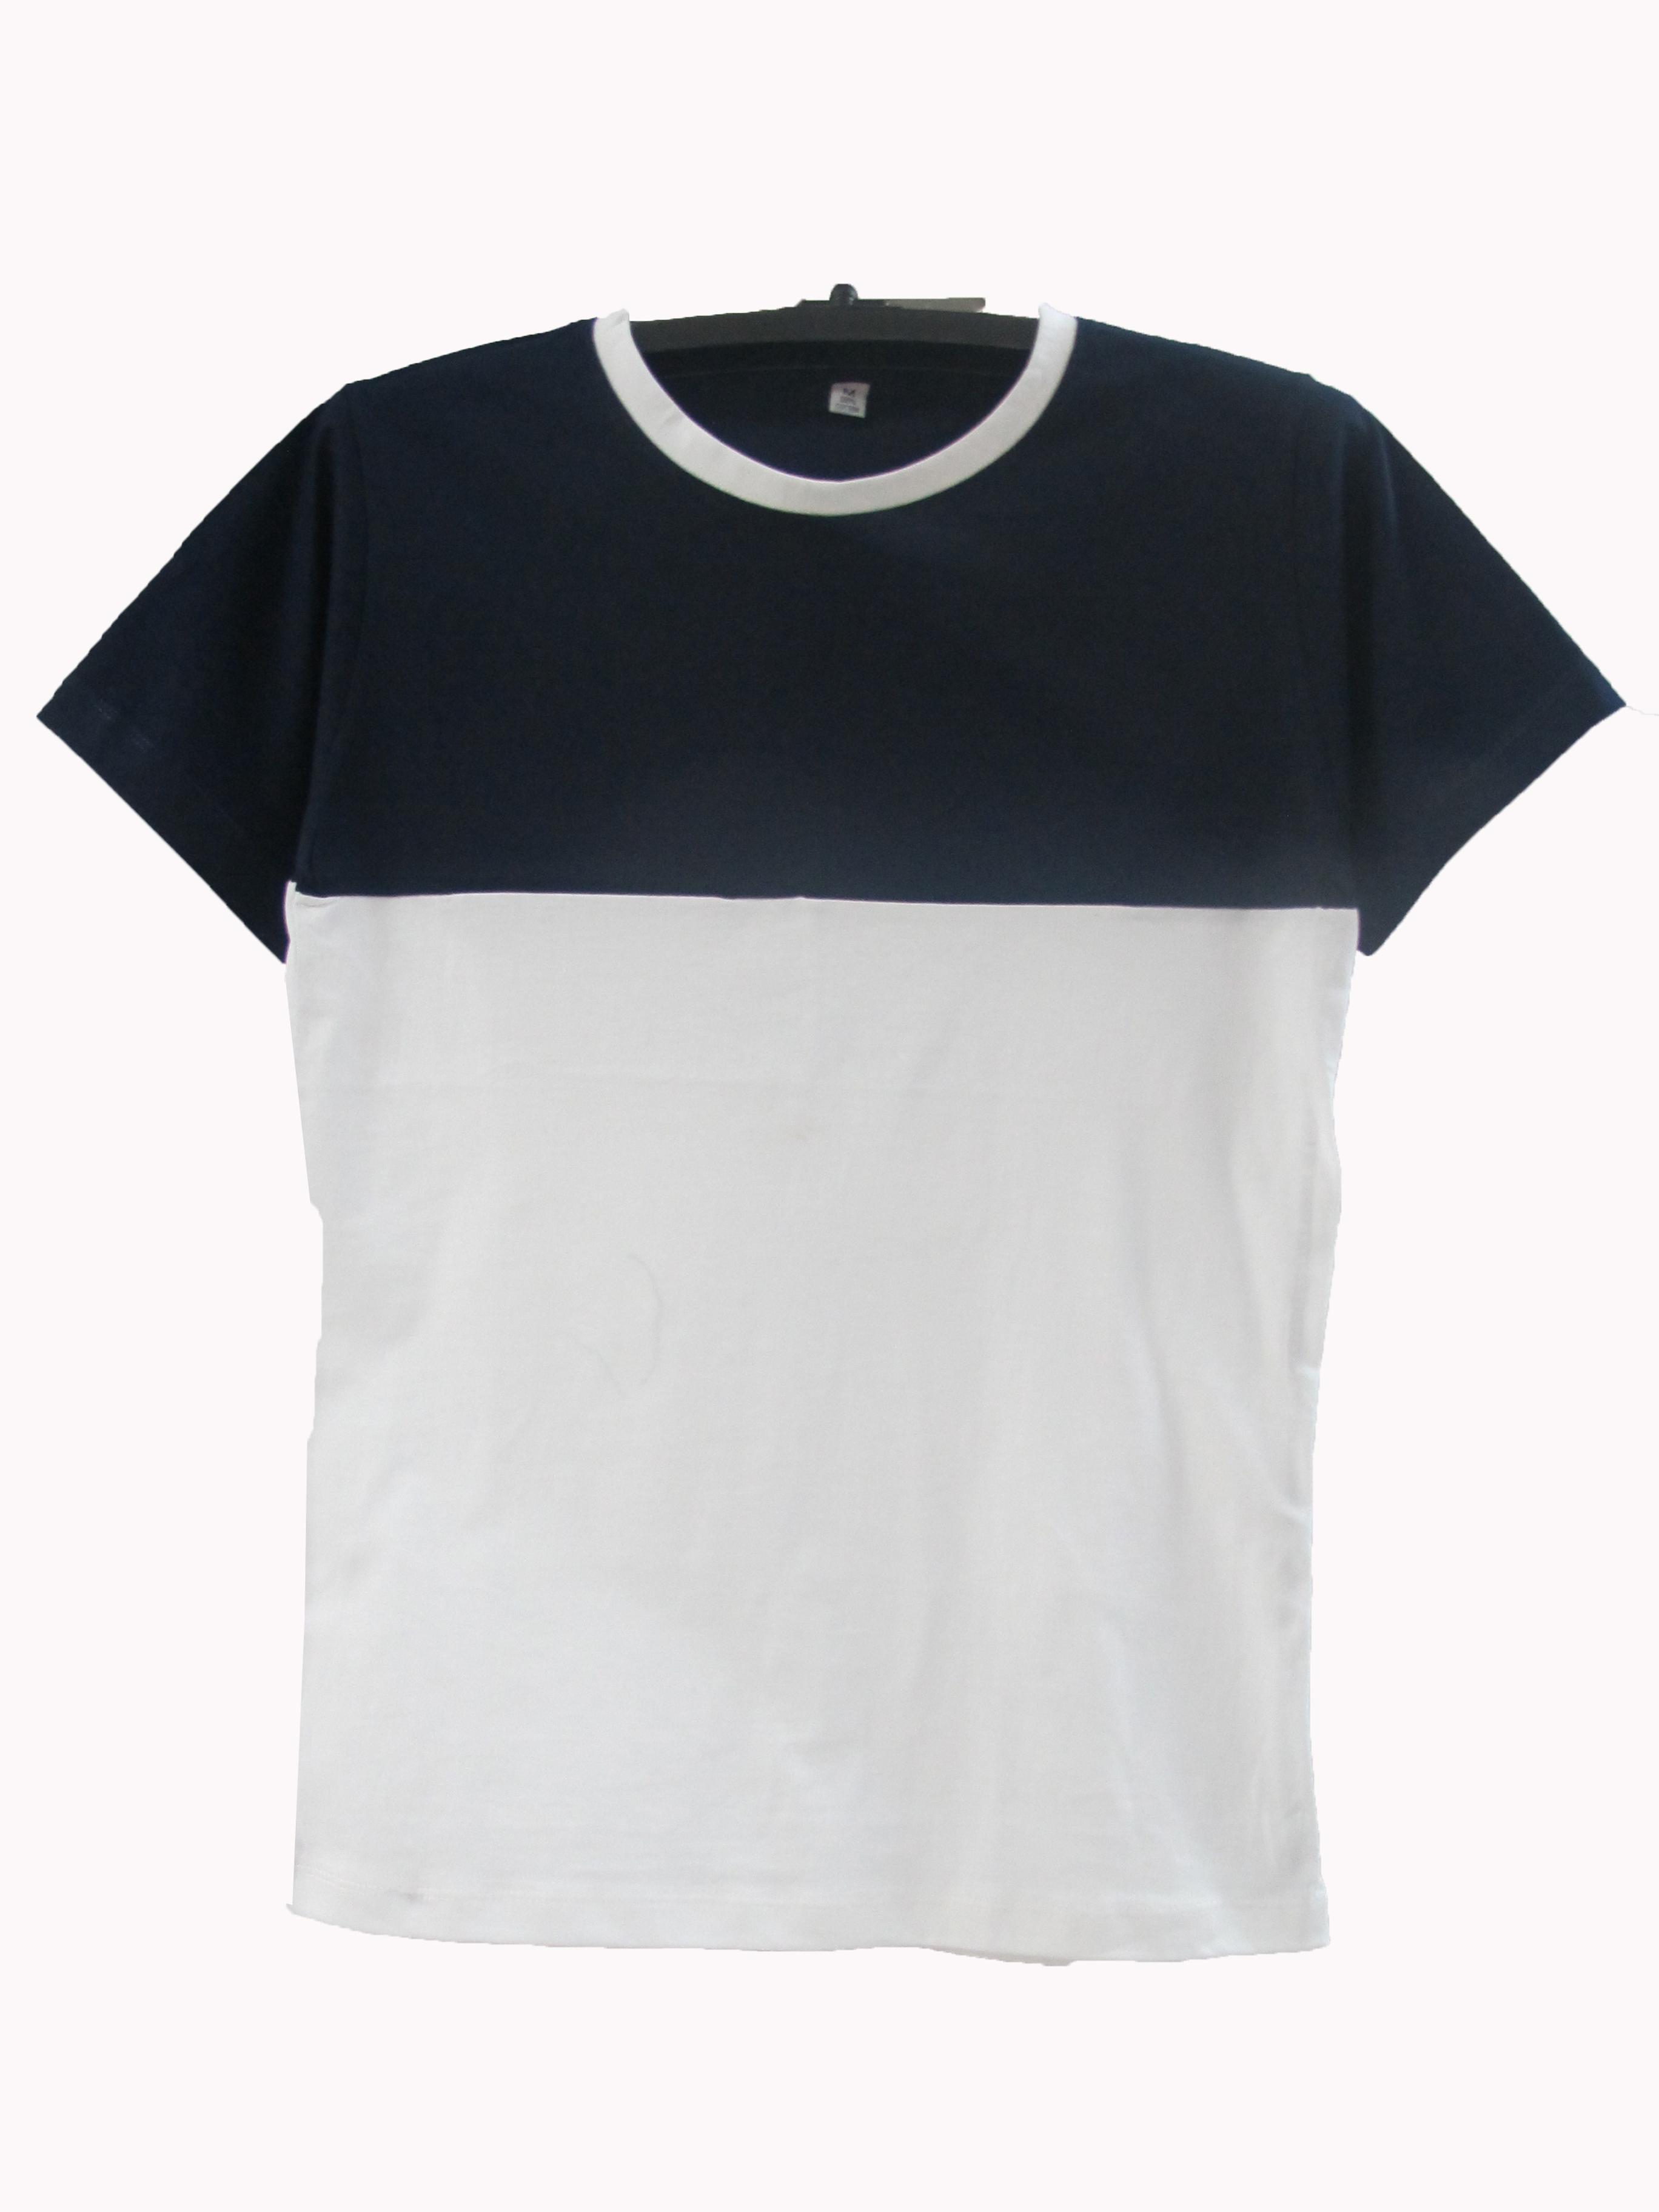 เสื้อตัดต่อข้างบนสีข้างล่างขาว สีกรม